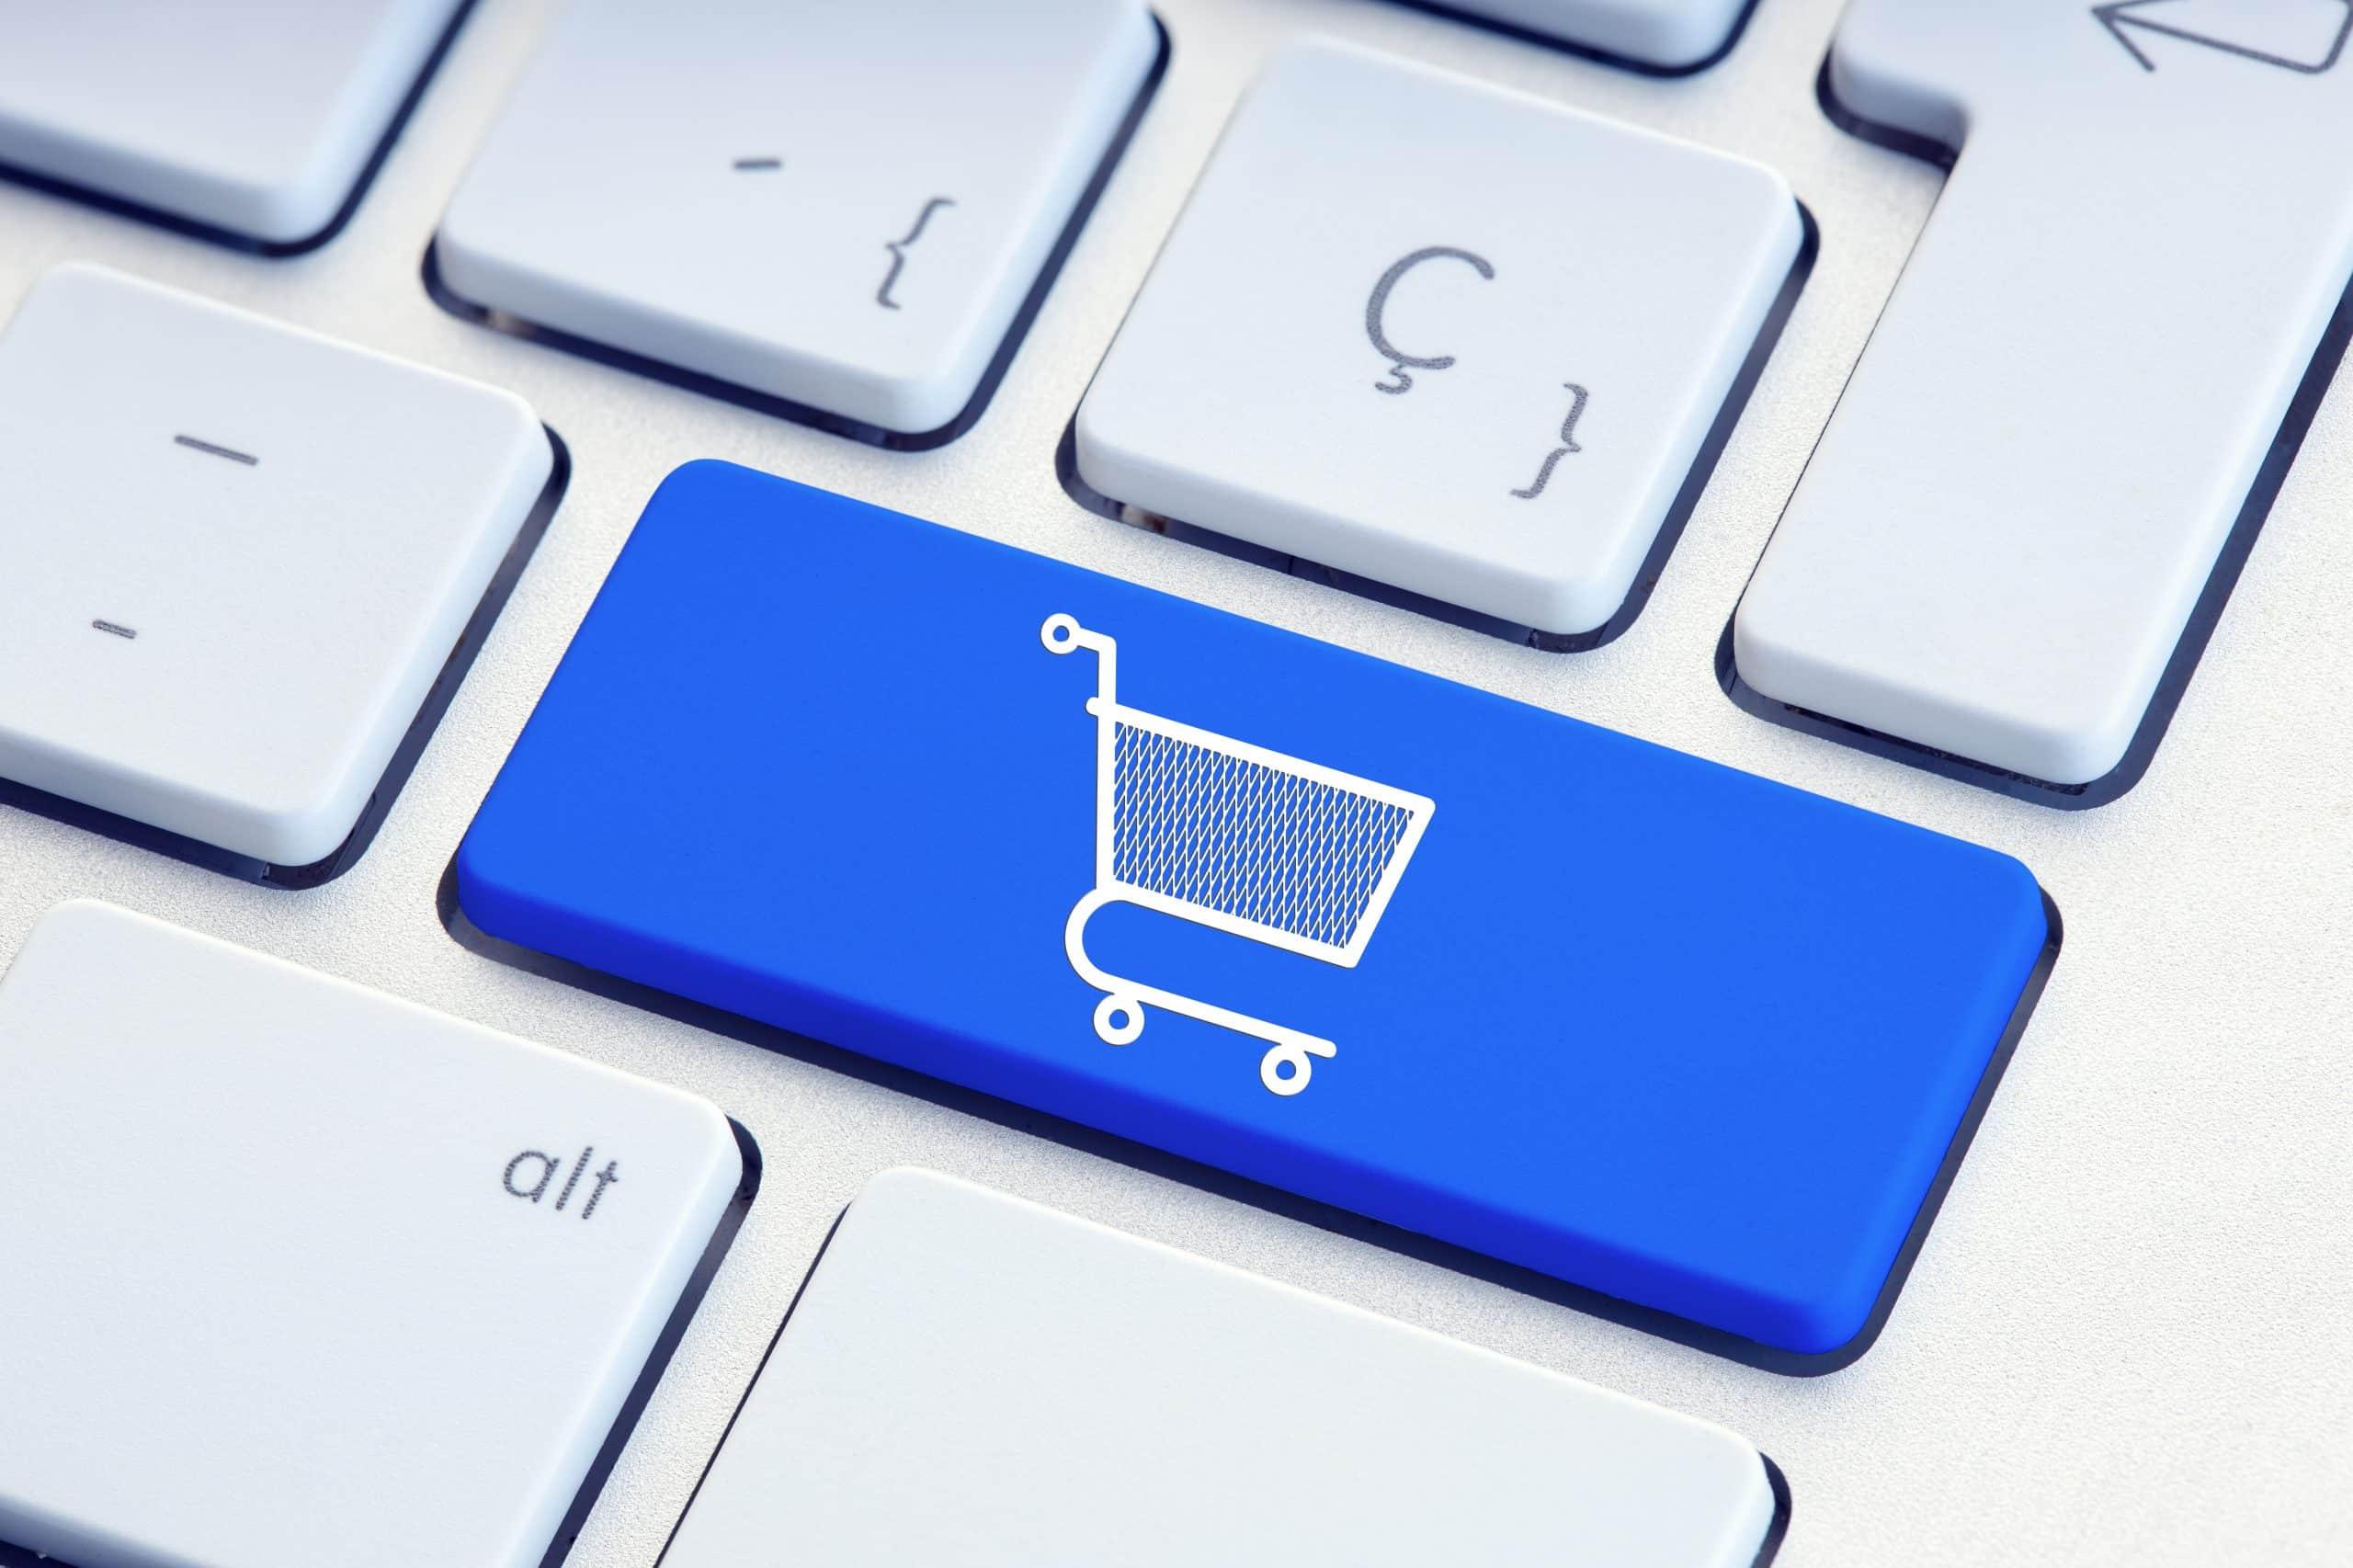 kostnader wordpress webbsidan ehandel